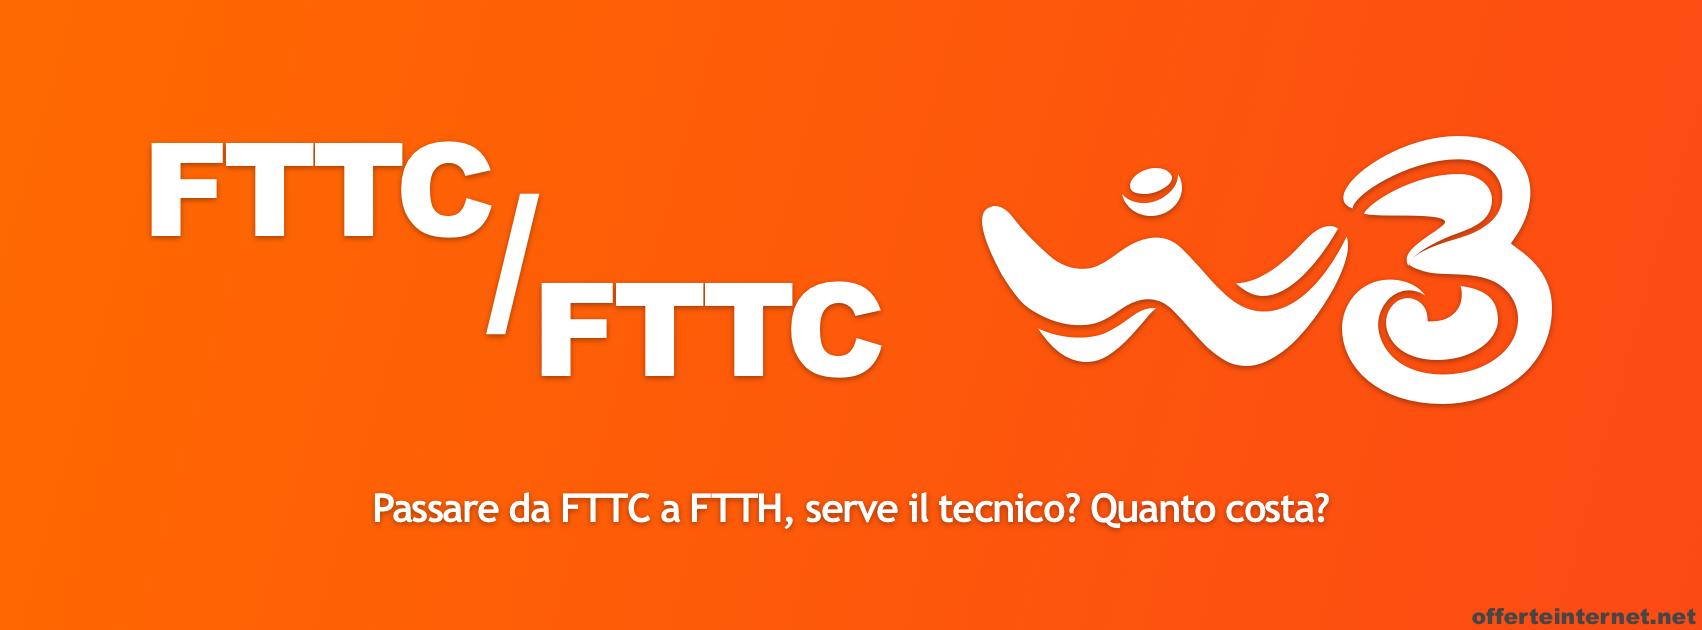 Passare da fibra FTTC a FTTH, serve l'intervento del tecnico? Quanto costa?